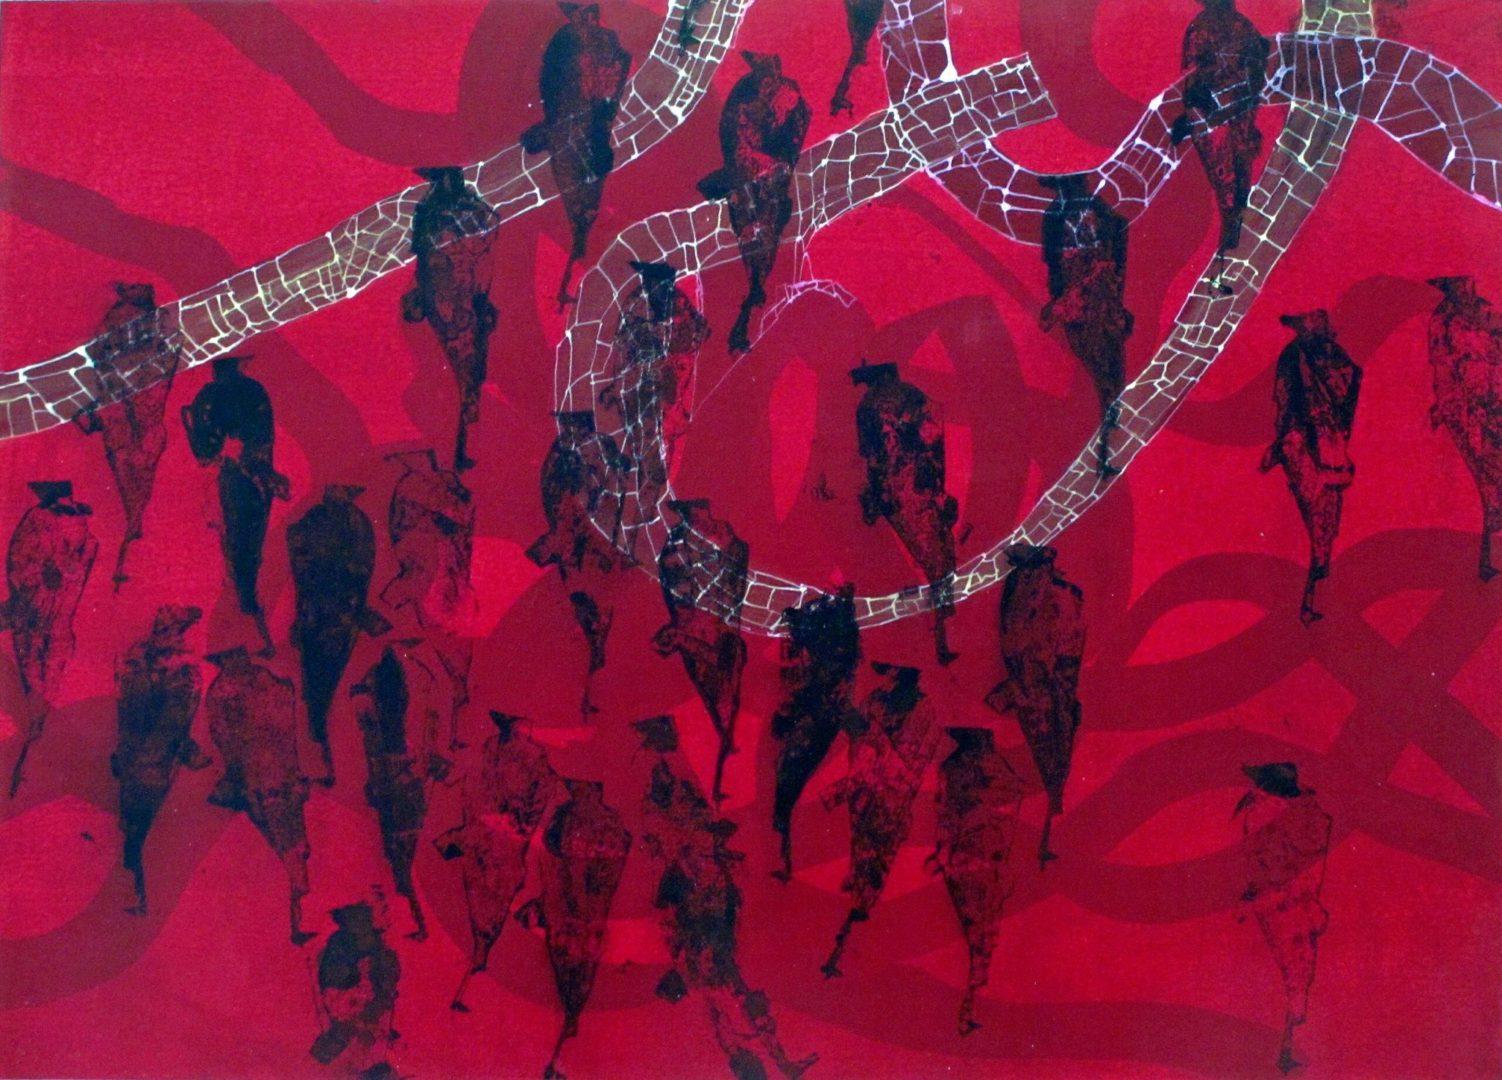 ohne Titel II - Acryl Lasur, Druck auf Papier, 50 x 70 cm, 2015 ©Ursula Heermann-Jensen